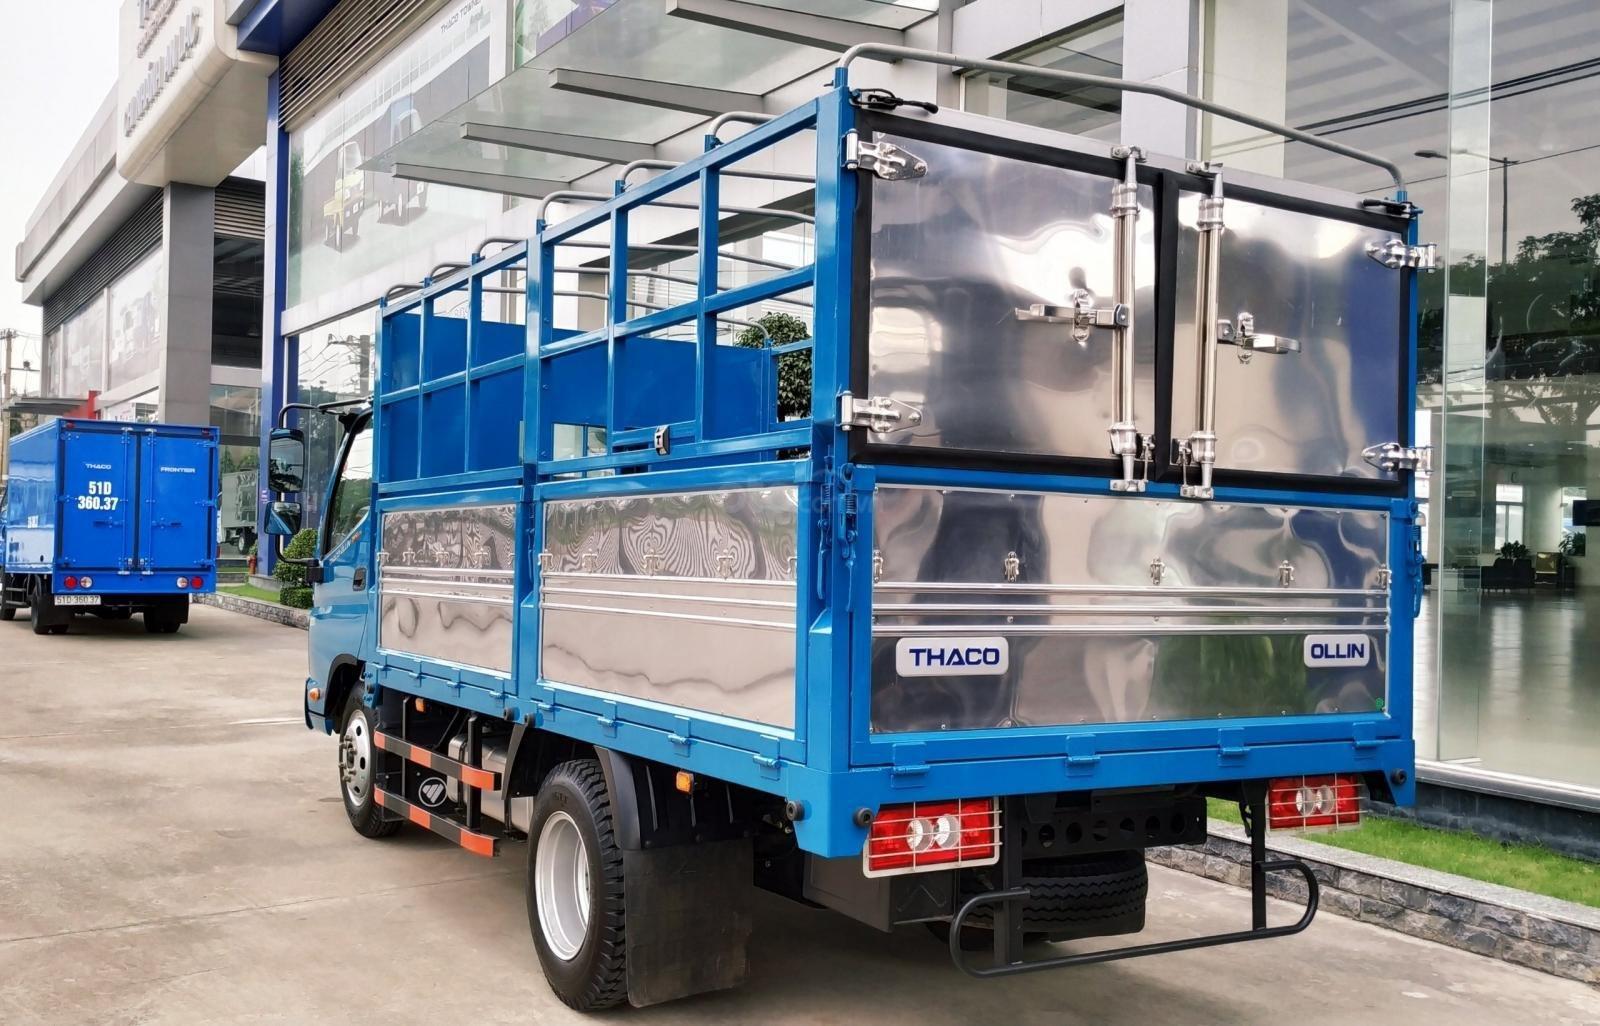 Bán xe tải Thaco Ollin 345. E4 - EURO 4 - tải 2 tấn 4 - mới nhất - hỗ trợ trả góp (6)